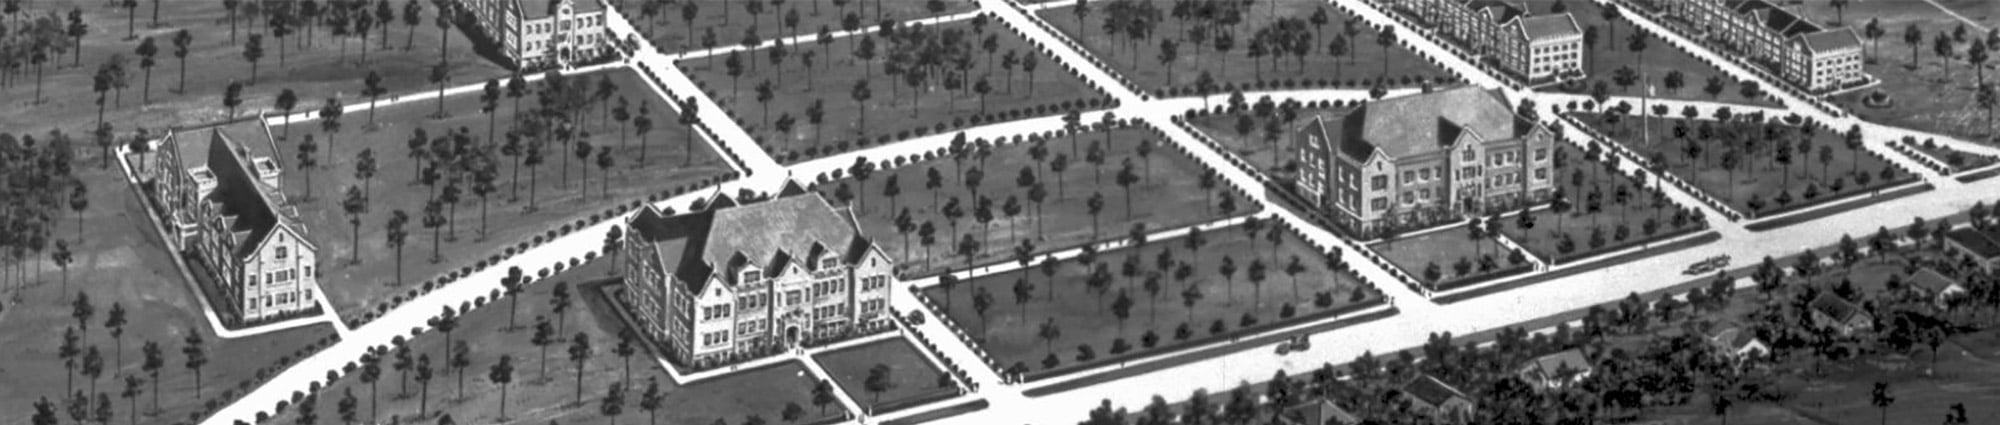 University of Florida Historical Layout